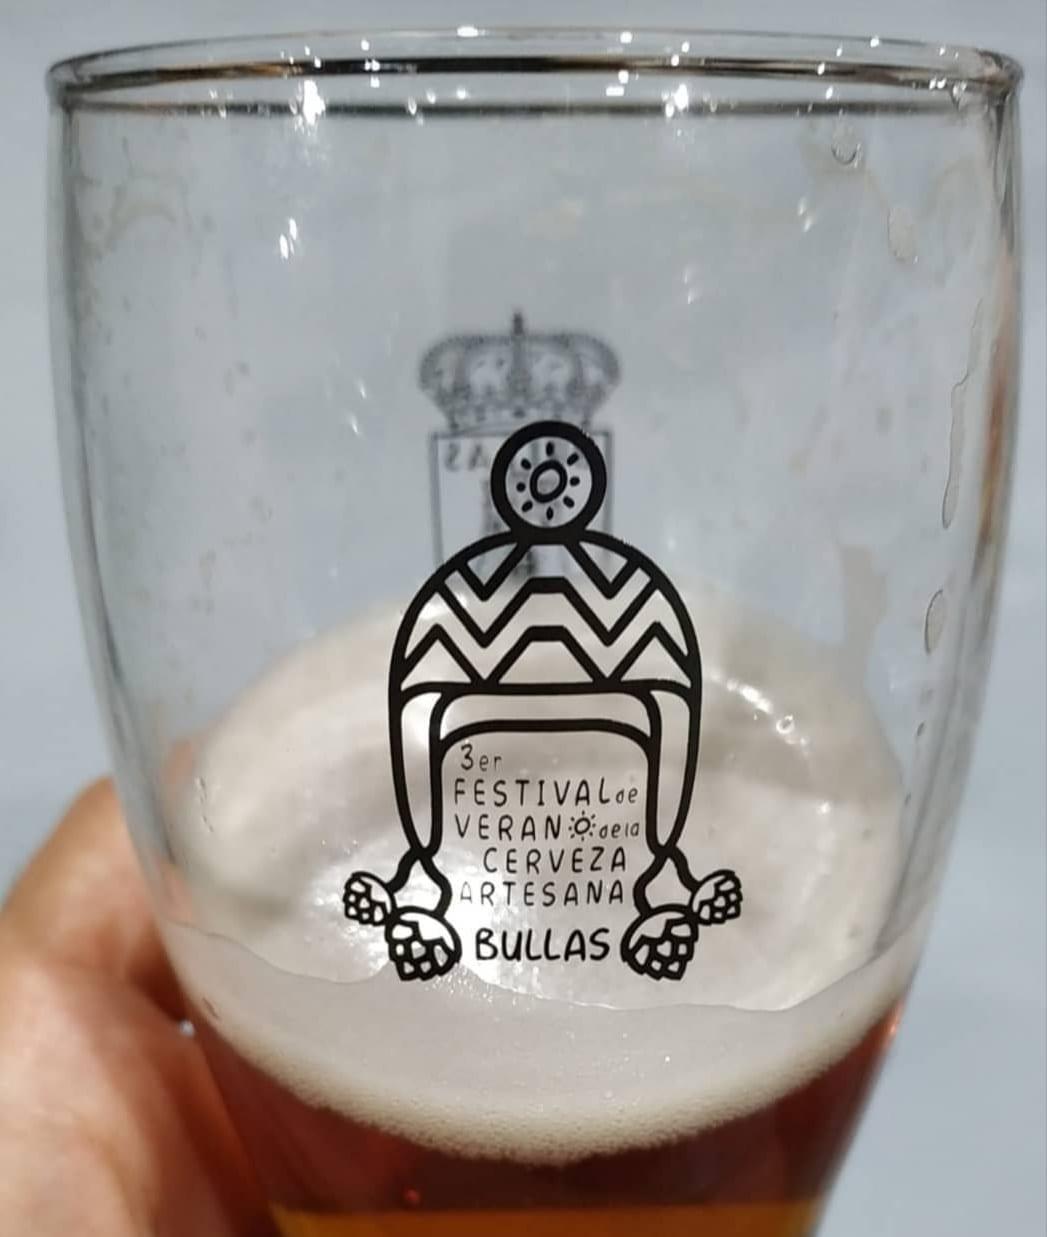 festival de la cerveza artesana Bullas vaso